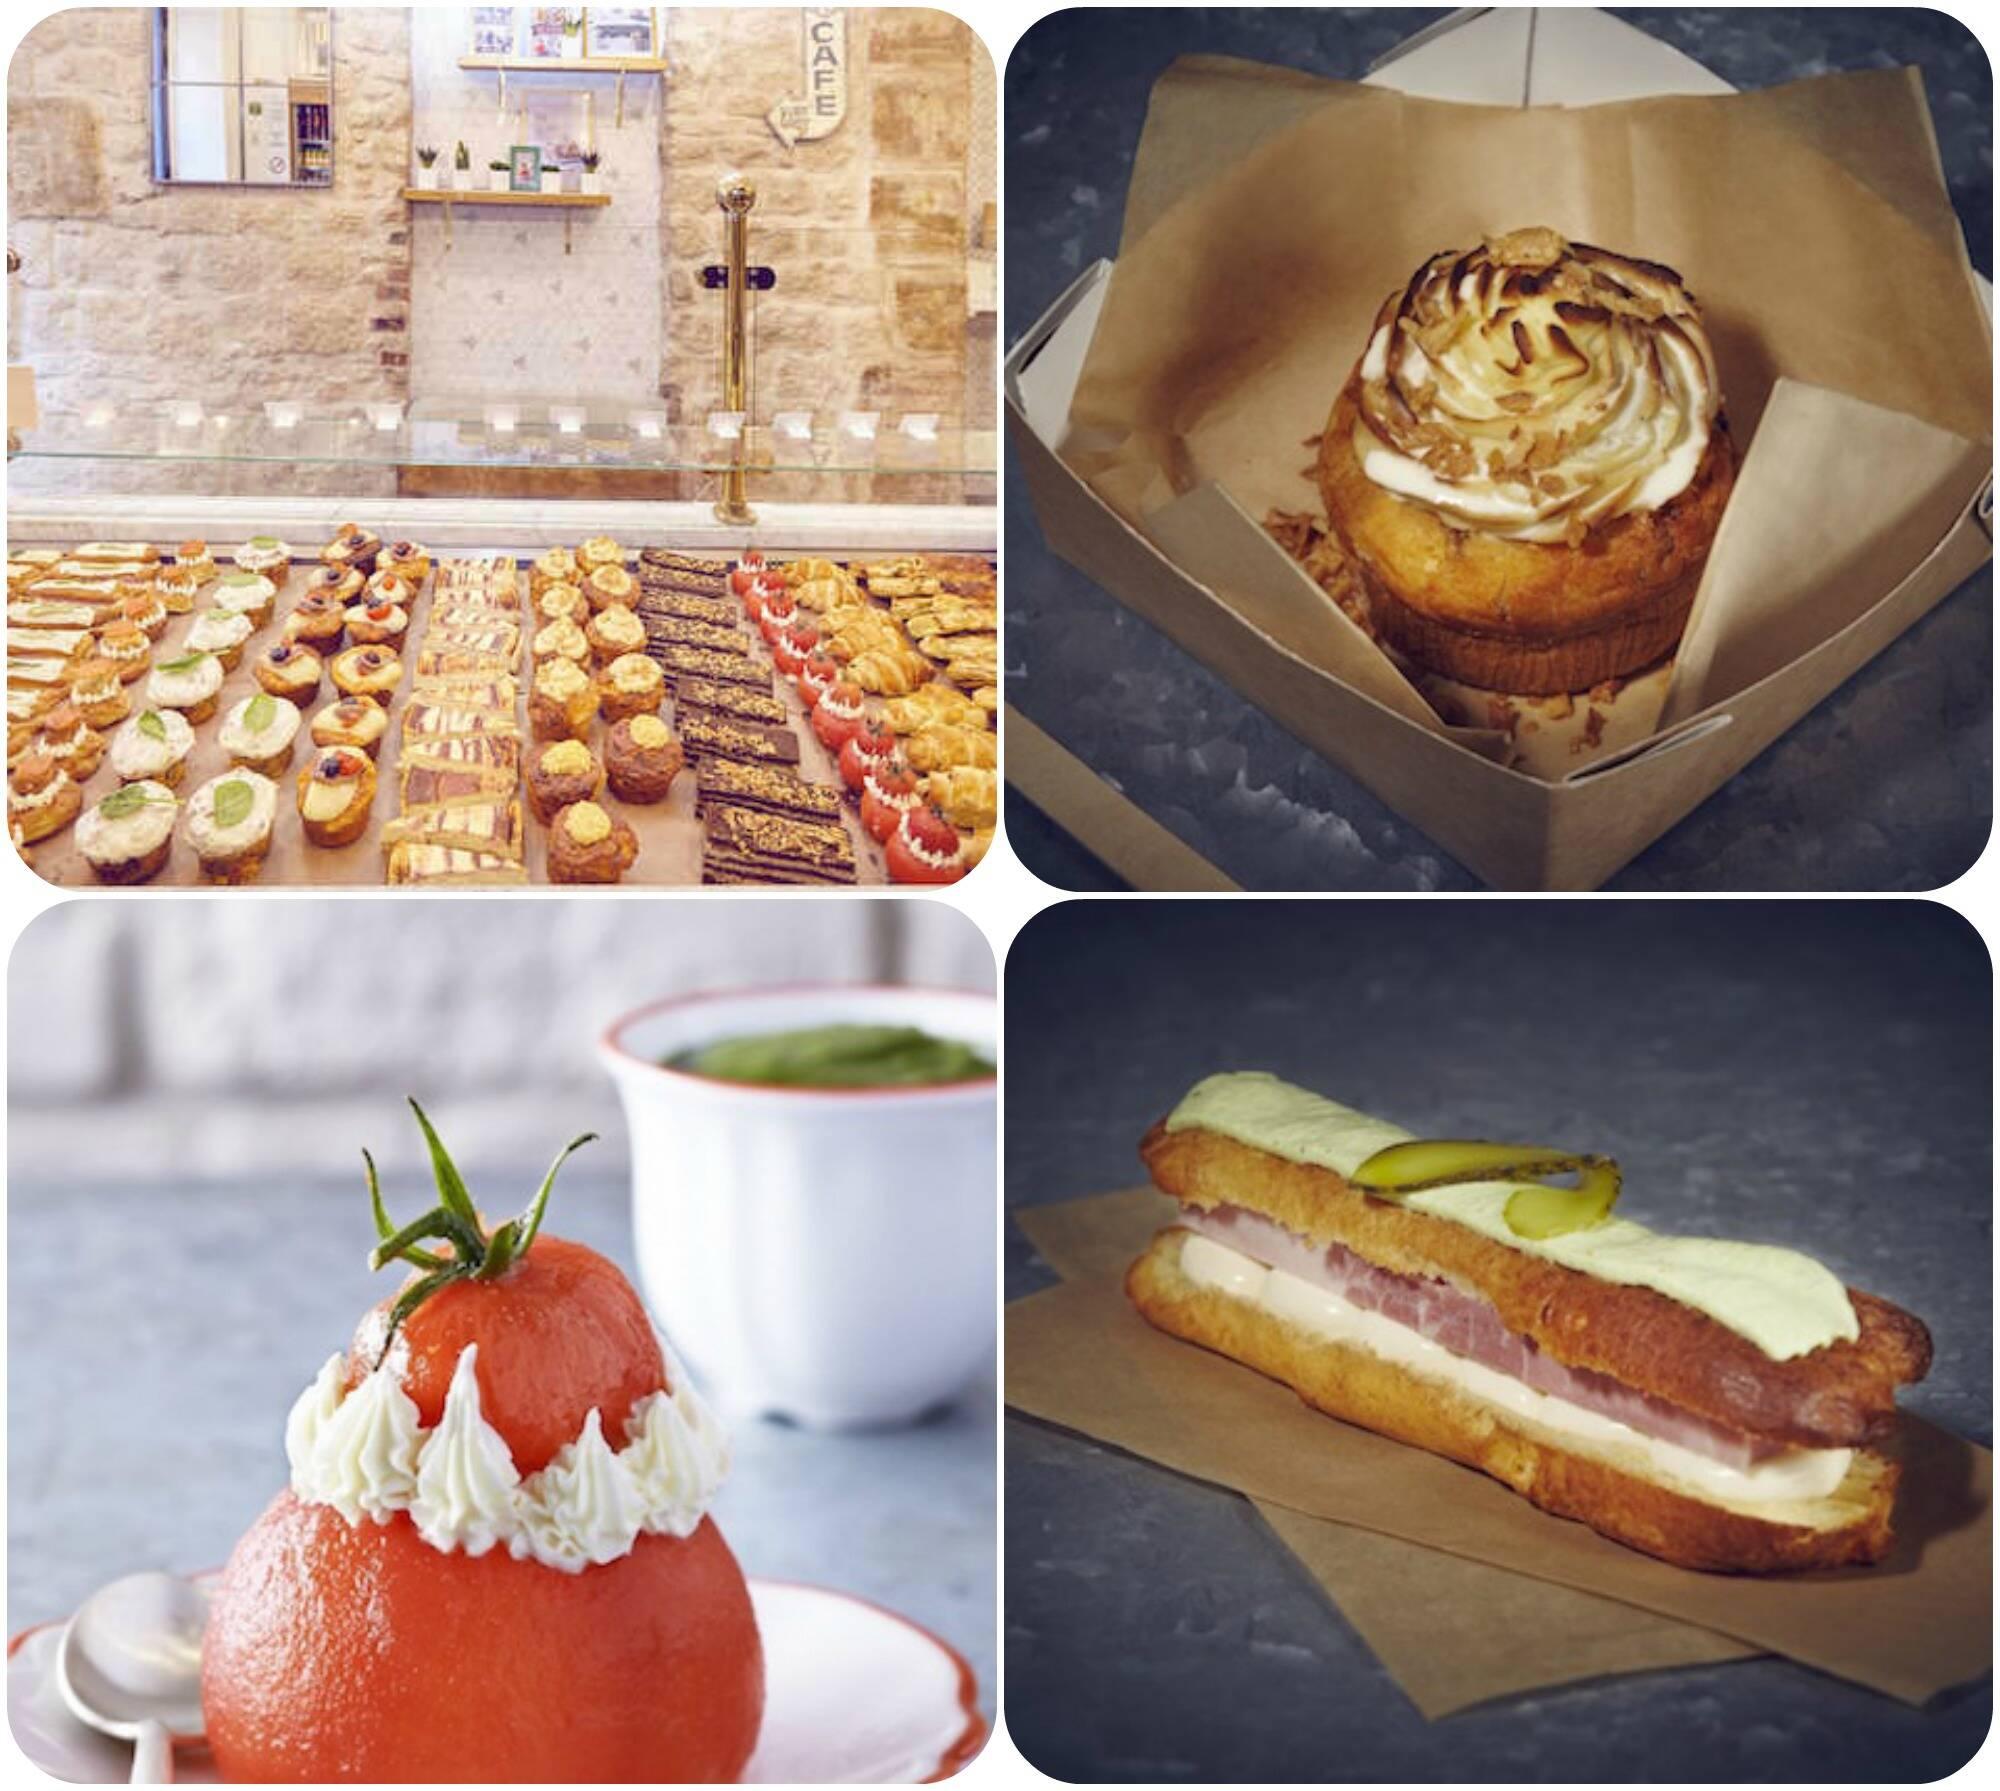 A boutique Privé de Desert, em Paris, cria salgados lindos e deliciosos com cara de doce